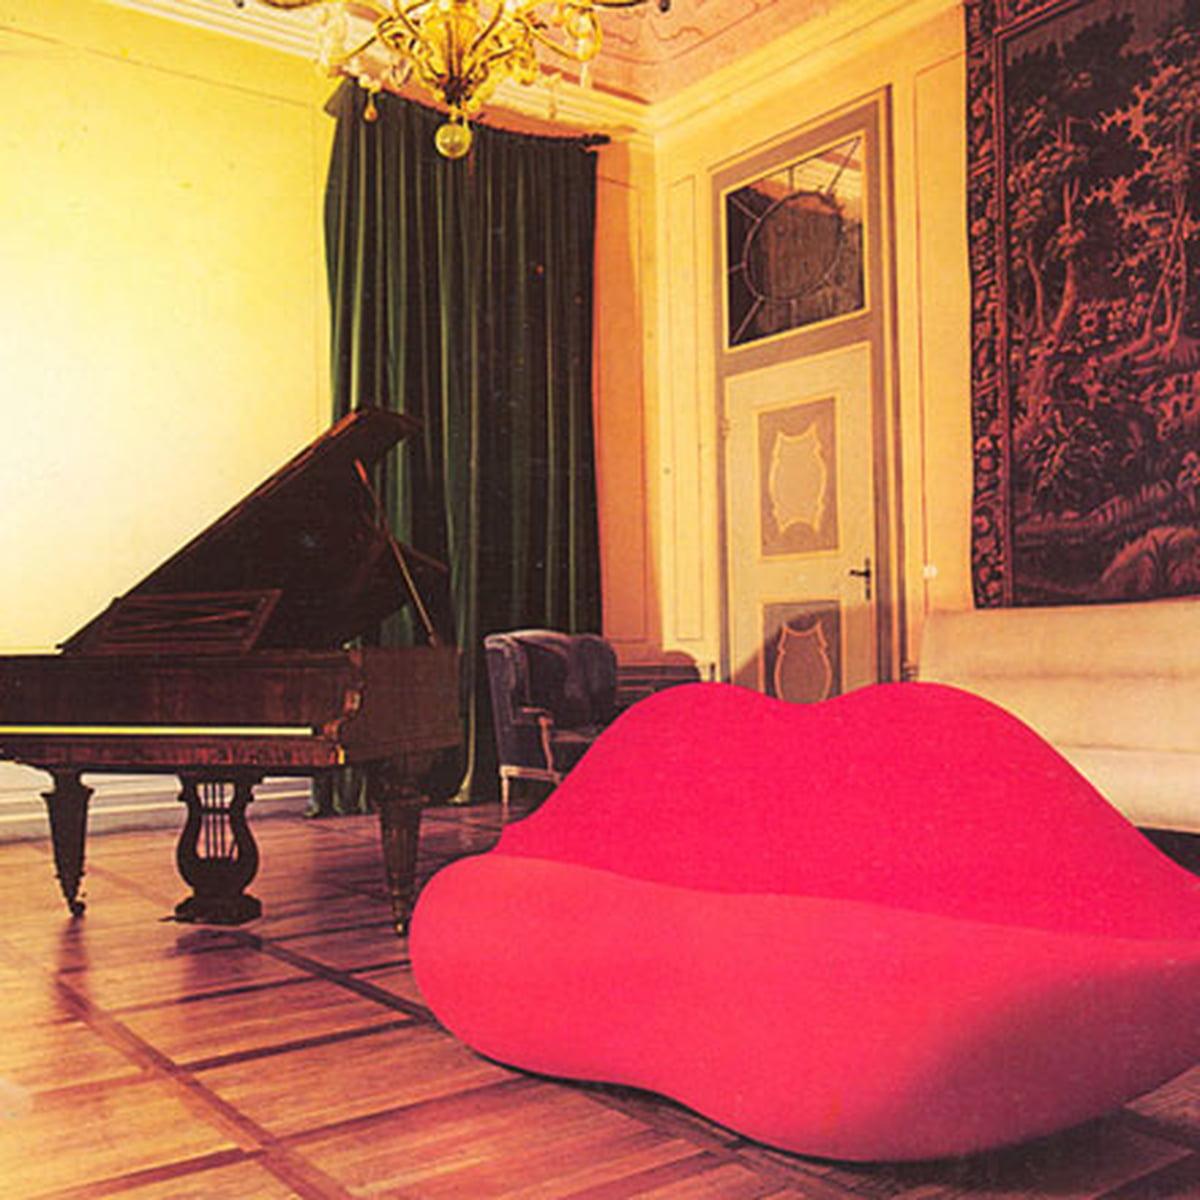 bocca gufram shop. Black Bedroom Furniture Sets. Home Design Ideas